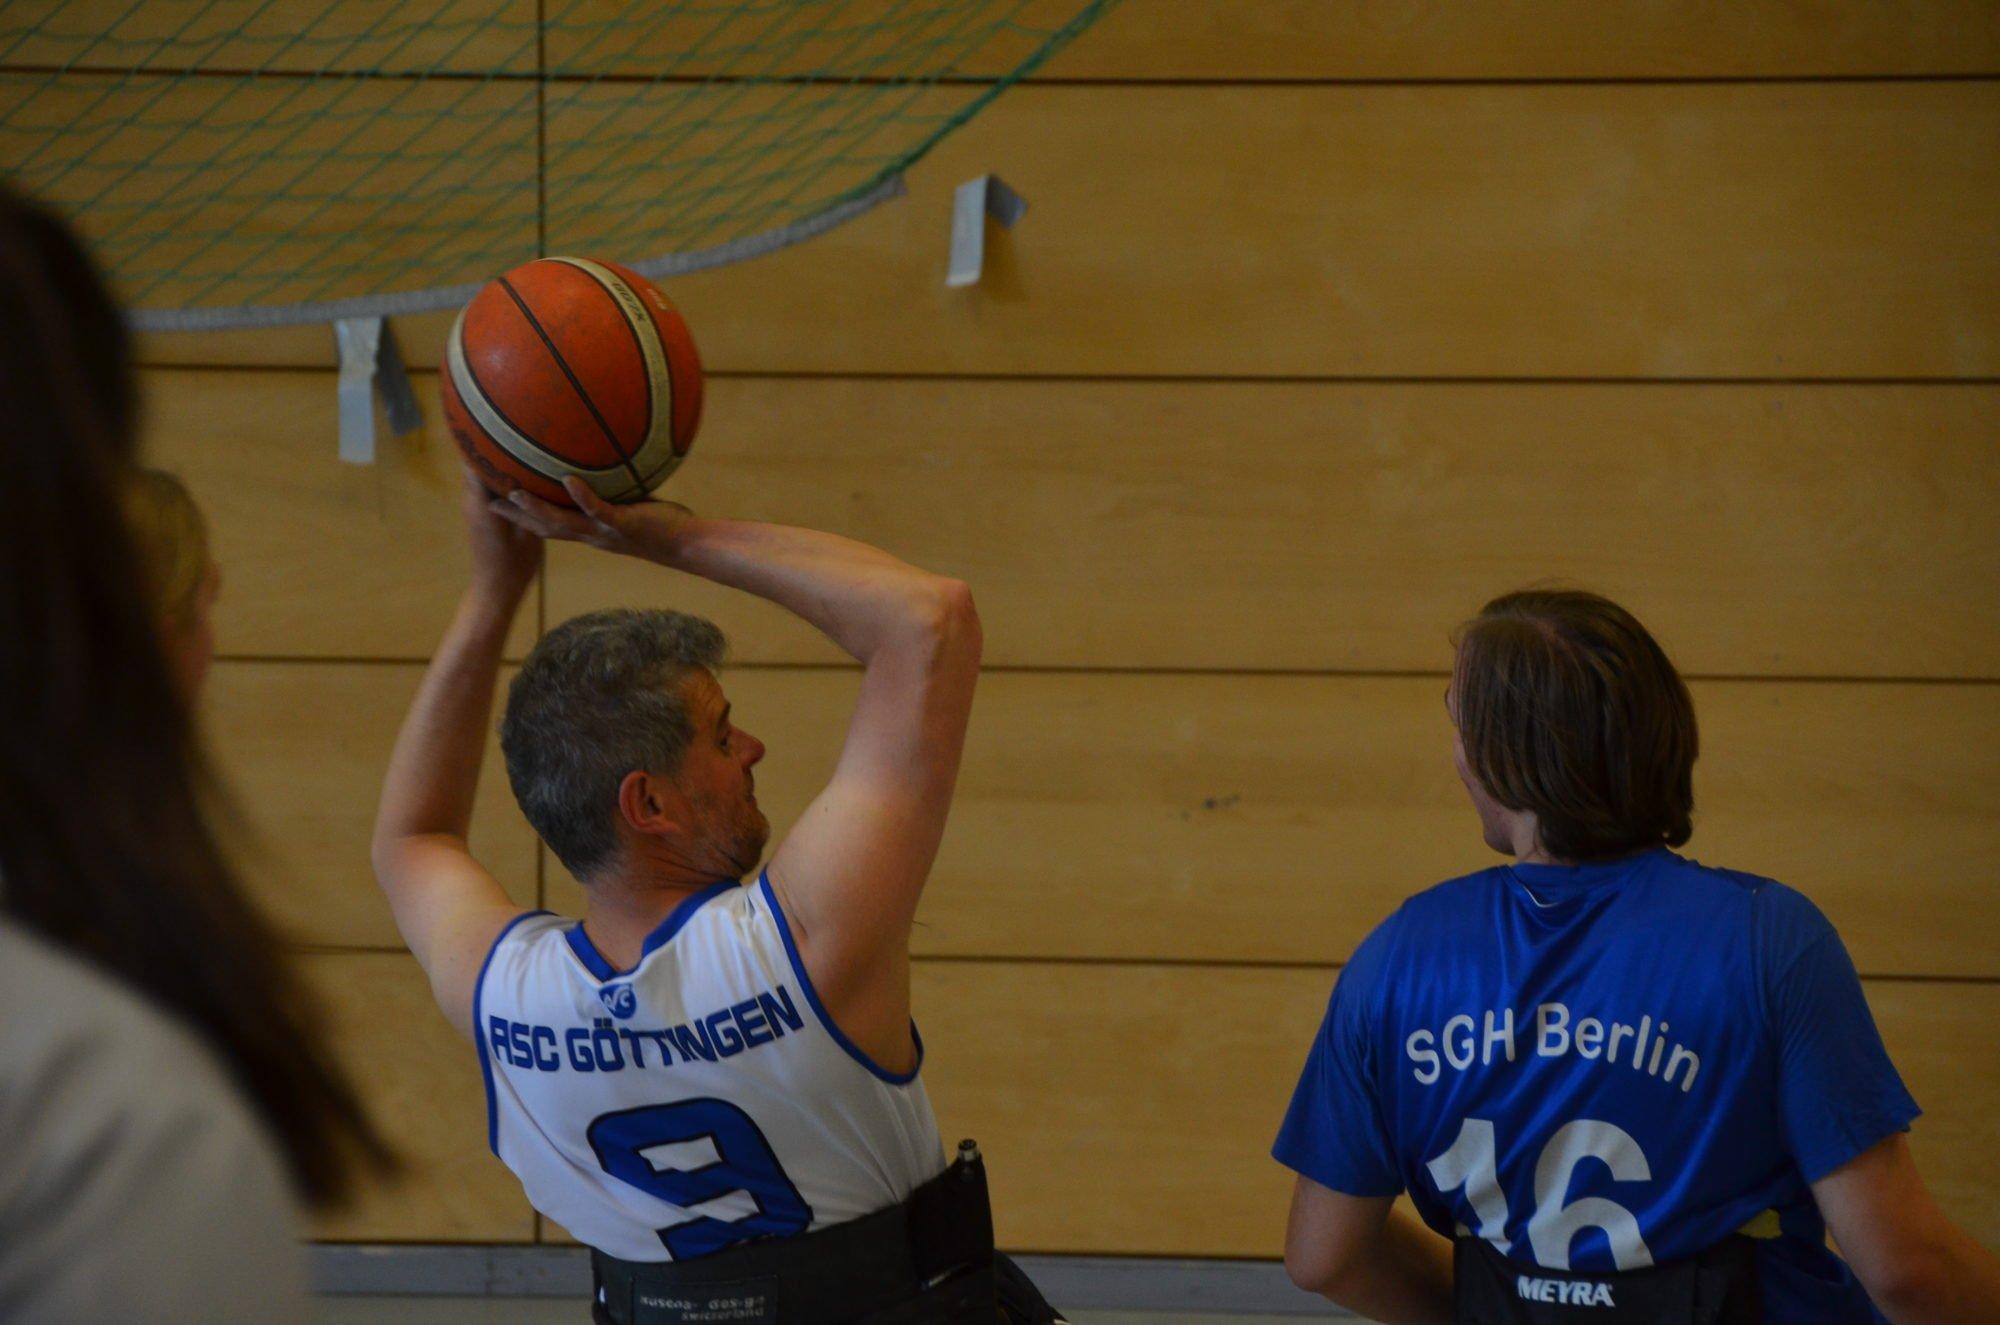 Ein Spieler des RSC Göttingen passt den Ball über den Kopf eines Gegenspielers hinweg.